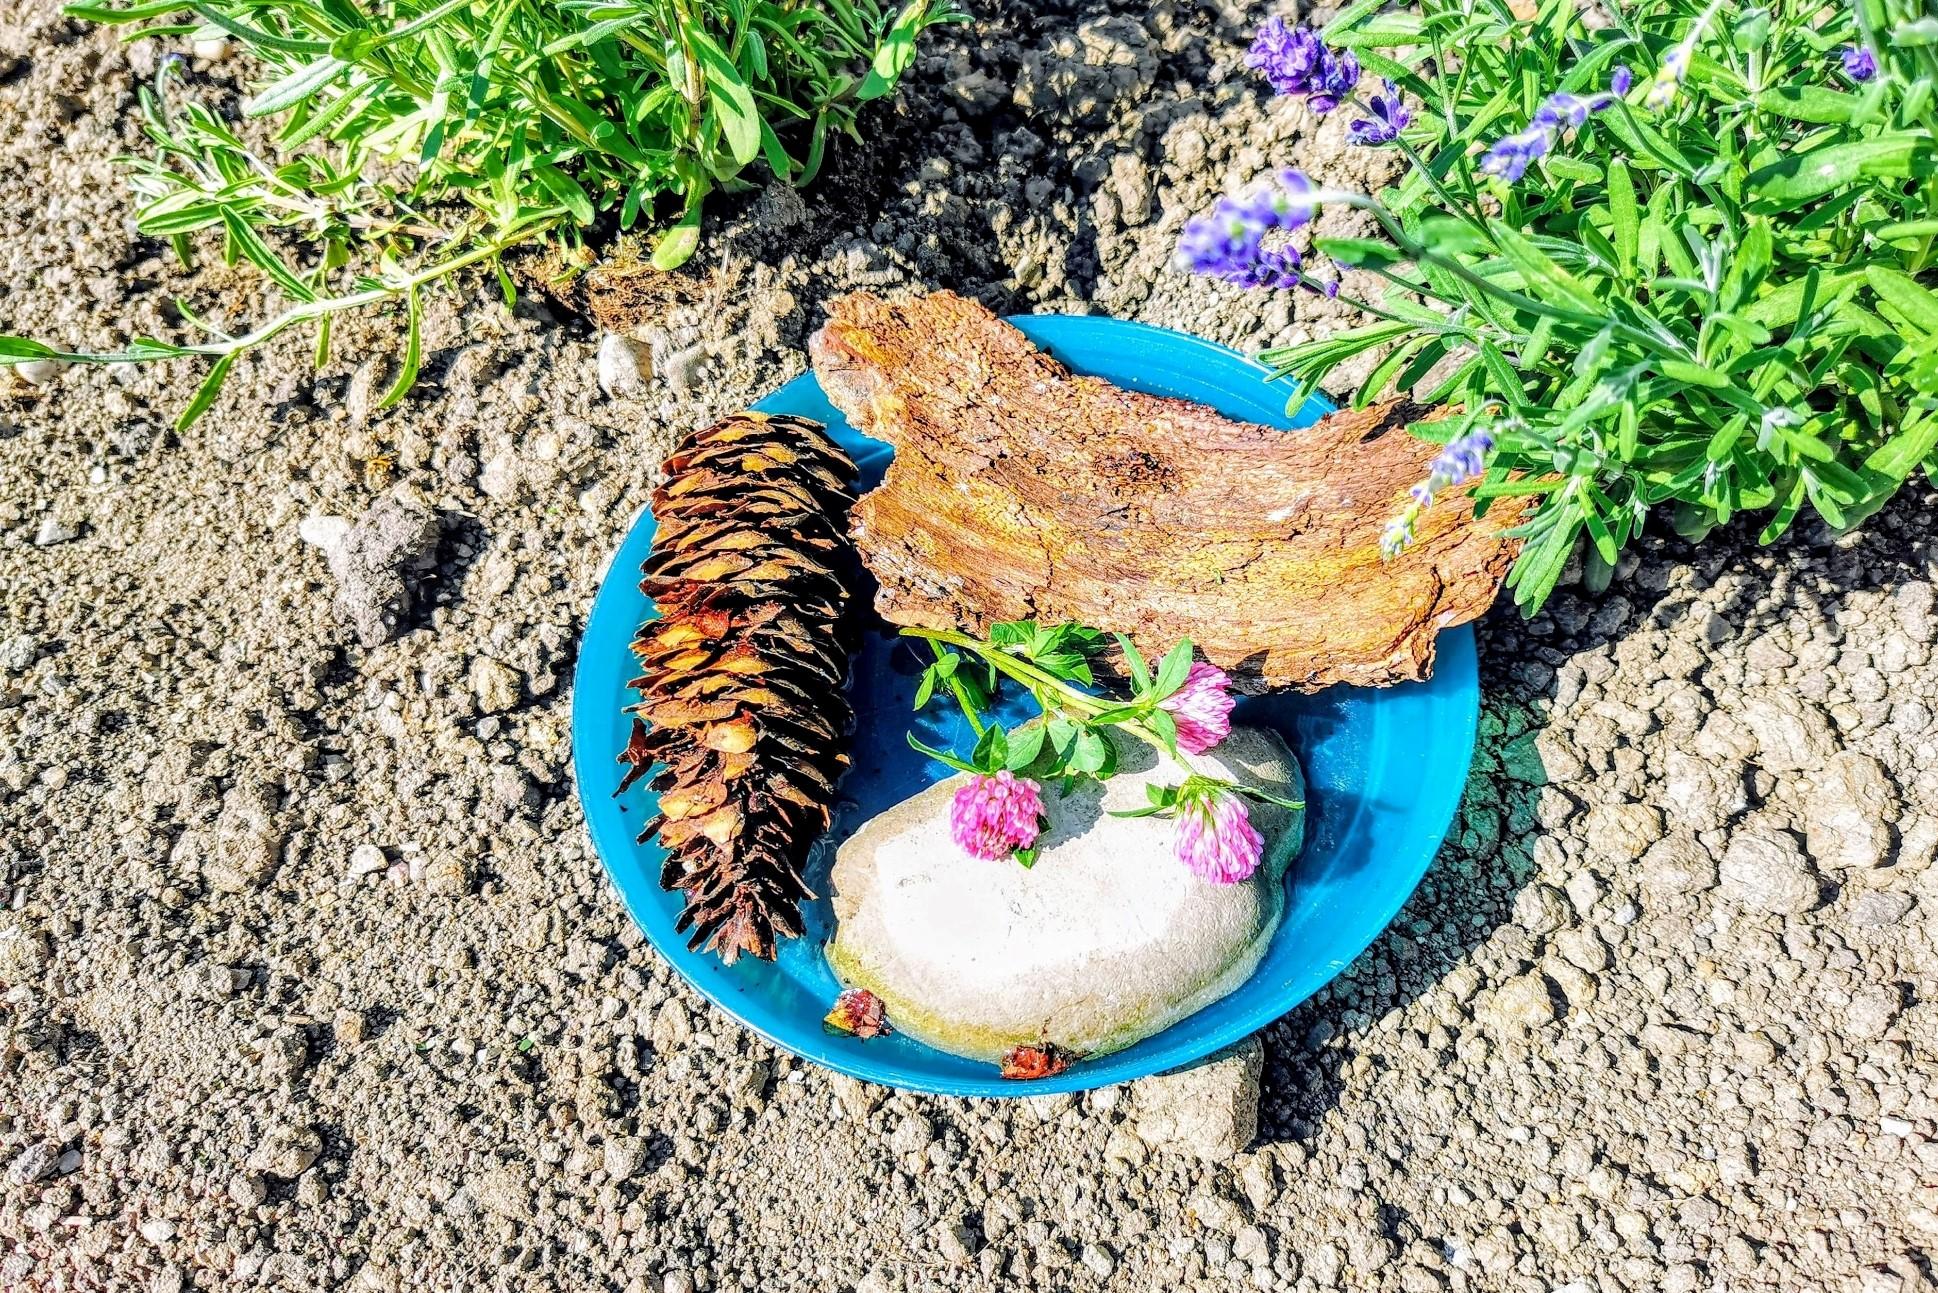 Hier zeige ich dir, wie du ganz einfach aus Naturmaterialien, wie Steinen, Ästen und Rinde eine Insektentränke bauen kannst. Eine Wassertränke für Insekten, wenn der Sommer trocken ist.